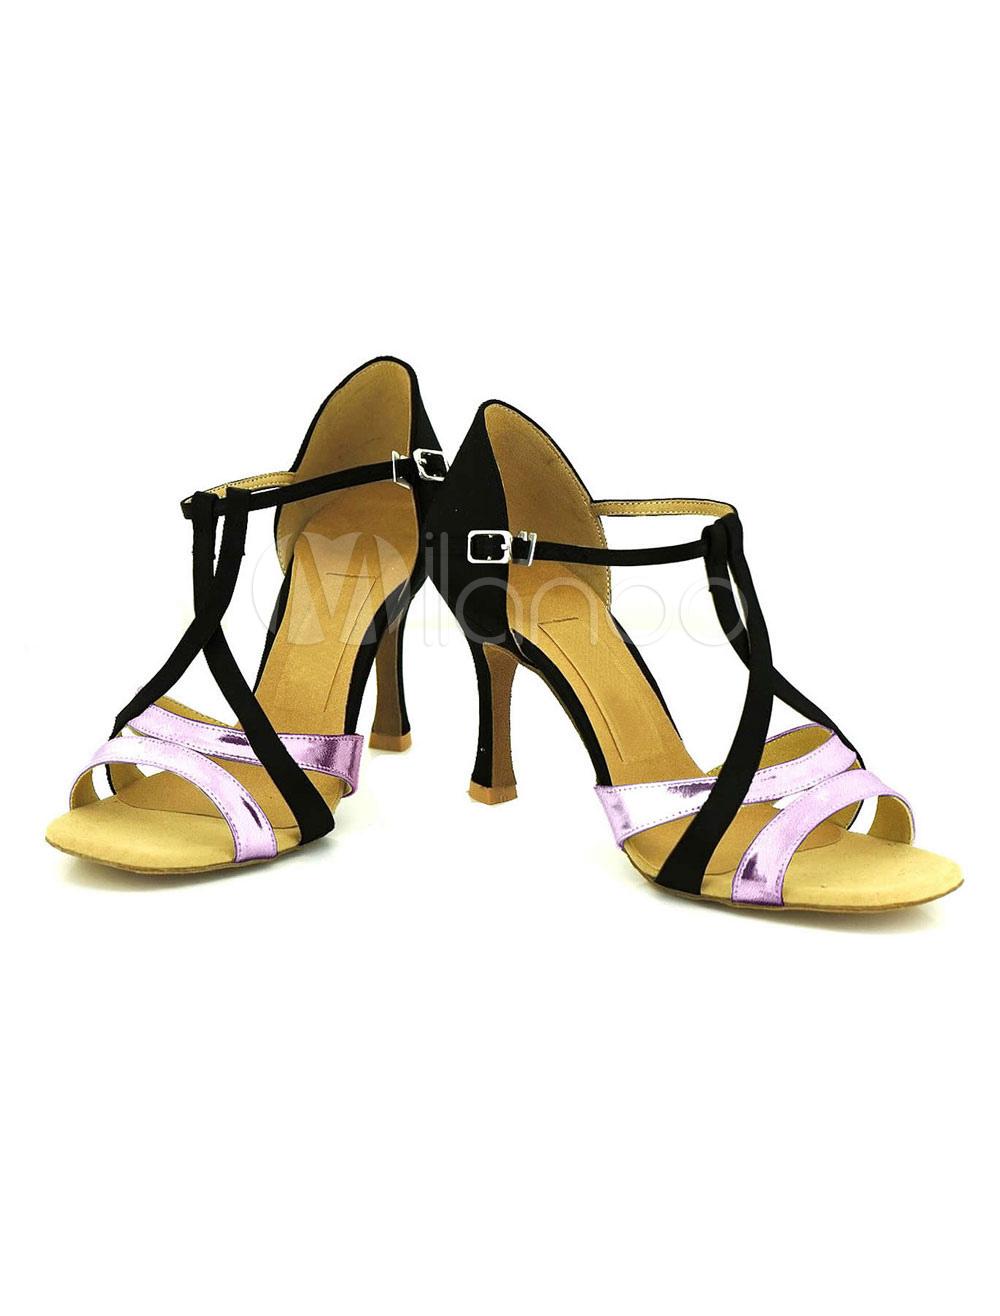 De tacón con lentejuelas dos colores danza azul zapatos mujer modificados para requisitos particulares zapatos de salón de baile KAQp8xLw